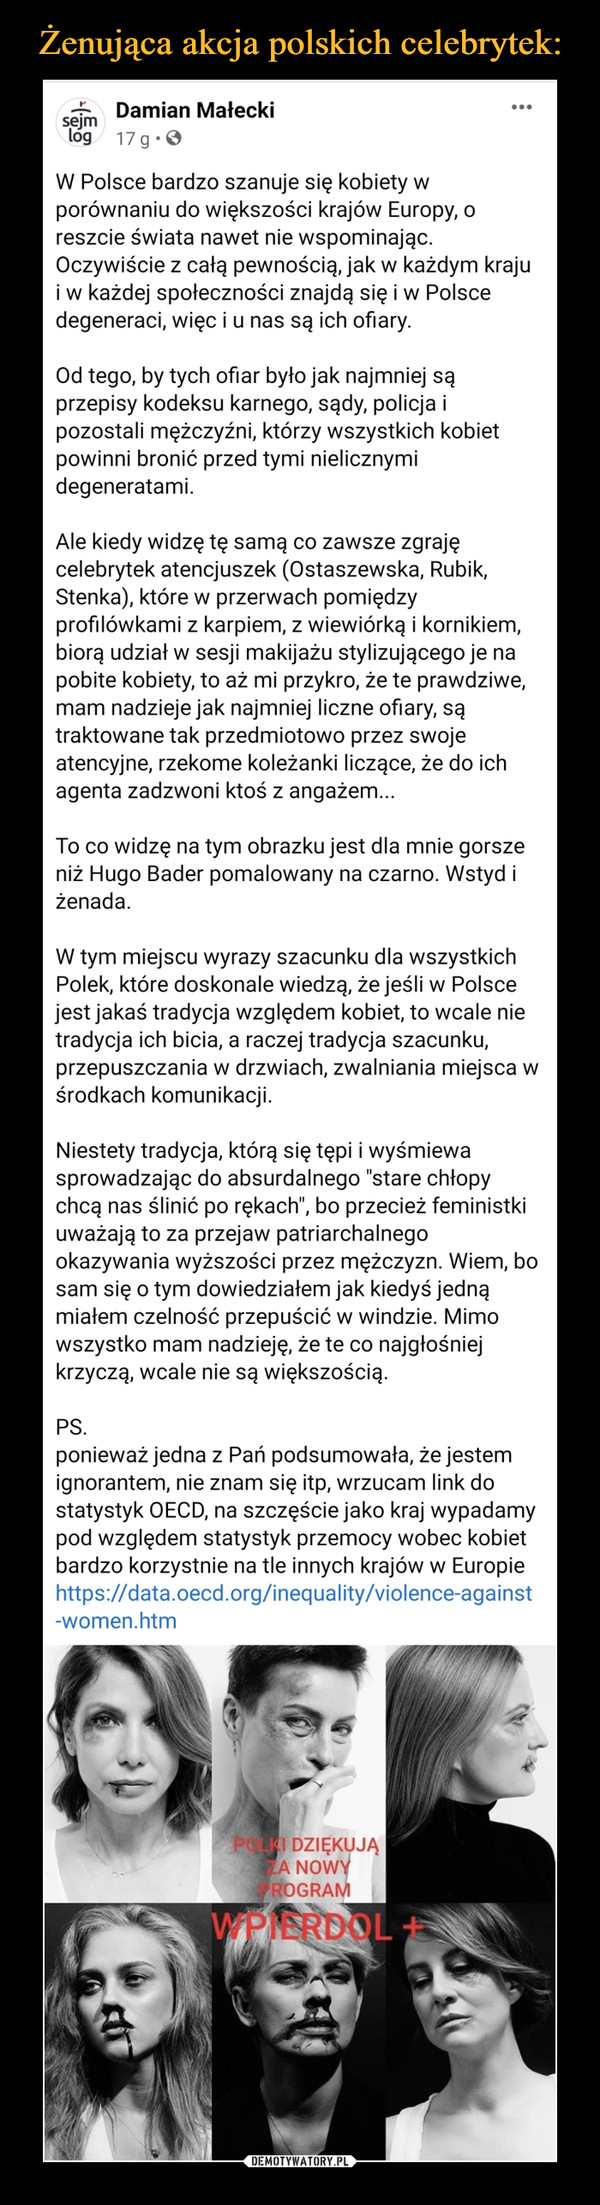 """–  Damian Małecki· 17 godz. ·  W Polsce bardzo szanuje się kobiety w porównaniu do większości krajów Europy, o reszcie świata nawet nie wspominając. Oczywiście z całą pewnością, jak w każdym kraju i w każdej społeczności znajdą się i w Polsce degeneraci, więc i u nas są ich ofiary.Od tego, by tych ofiar było jak najmniej są przepisy kodeksu karnego, sądy, policja i pozostali mężczyźni, którzy wszystkich kobiet powinni bronić przed tymi nielicznymi degeneratami.Ale kiedy widzę tę samą co zawsze zgraję celebrytek atencjuszek (Ostaszewska, Rubik, Stenka), które w przerwach pomiędzy profilówkami z karpiem, z wiewiórką i kornikiem, biorą udział w sesji makijażu stylizującego je na pobite kobiety, to aż mi przykro, że te prawdziwe, mam nadzieje jak najmniej liczne ofiary, są traktowane tak przedmiotowo przez swoje atencyjne, rzekome koleżanki liczące, że do ich agenta zadzwoni ktoś z angażem...To co widzę na tym obrazku jest dla mnie gorsze niż Hugo Bader pomalowany na czarno. Wstyd i żenada.W tym miejscu wyrazy szacunku dla wszystkich Polek, które doskonale wiedzą, że jeśli w Polsce jest jakaś tradycja względem kobiet, to wcale nie tradycja ich bicia, a raczej tradycja szacunku, przepuszczania w drzwiach, zwalniania miejsca w środkach komunikacji.Niestety tradycja, którą się tępi i wyśmiewa sprowadzając do absurdalnego """"stare chłopy chcą nas ślinić po rękach"""", bo przecież feministki uważają to za przejaw patriarchalnego okazywania wyższości przez mężczyzn. Wiem, bo sam się o tym dowiedziałem jak kiedyś jedną miałem czelność przepuścić w windzie. Mimo wszystko mam nadzieję, że te co najgłośniej krzyczą, wcale nie są większością.PS.ponieważ jedna z Pań podsumowała, że jestem ignorantem, nie znam się itp, wrzucam link do statystyk OECD, na szczęście jako kraj wypadamy pod względem statystyk przemocy wobec kobiet bardzo korzystnie na tle innych krajów w Europiehttps://data.oecd.org/inequality/violence-against-women.htm"""